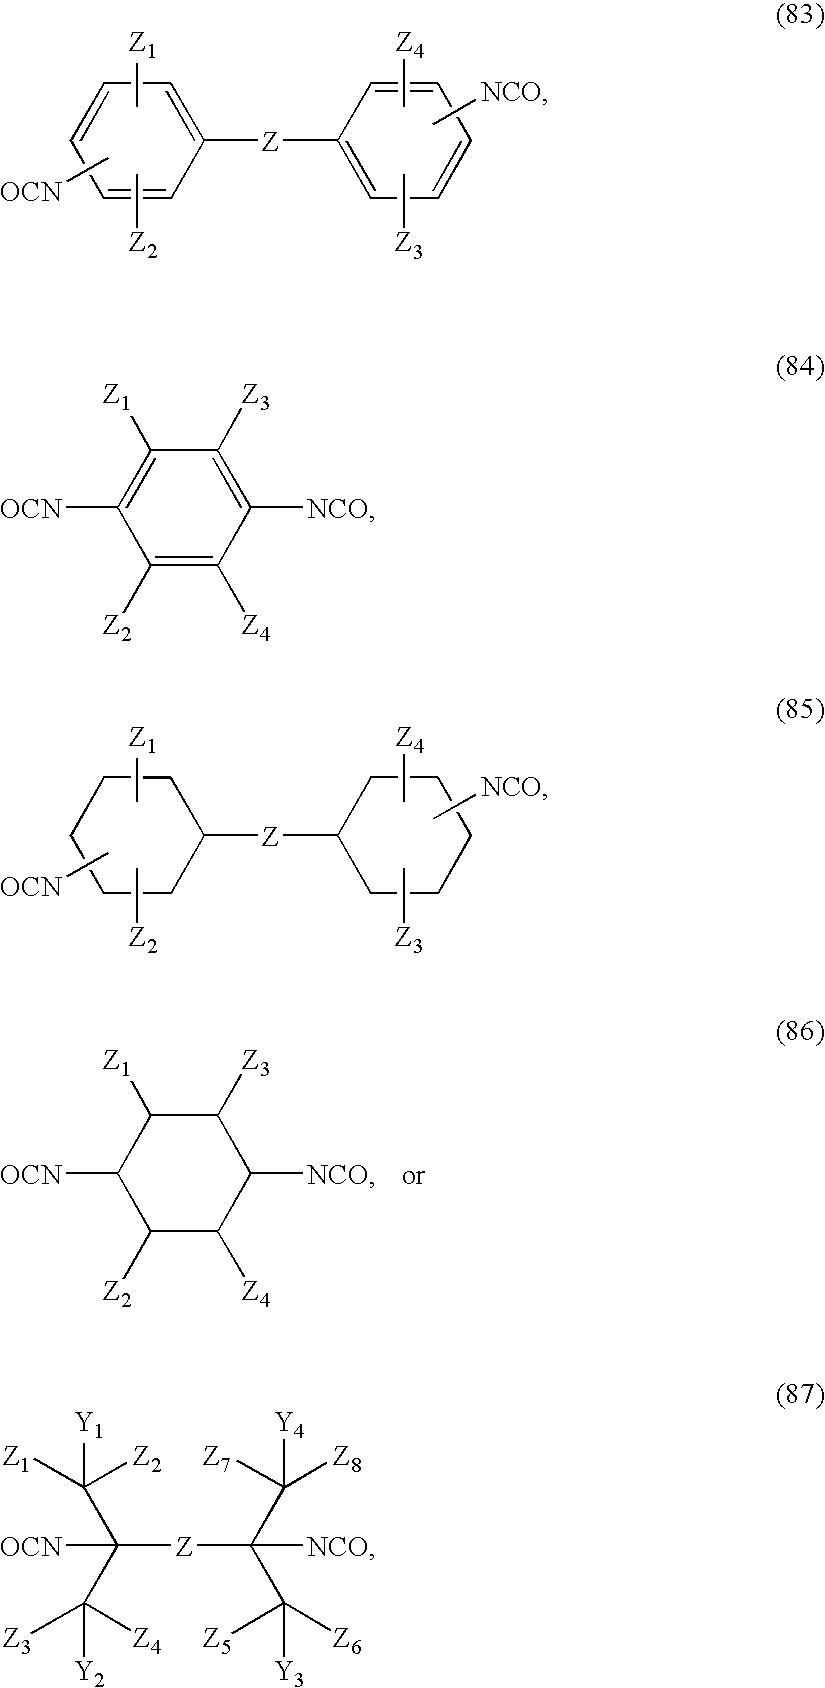 Figure US07138477-20061121-C00048